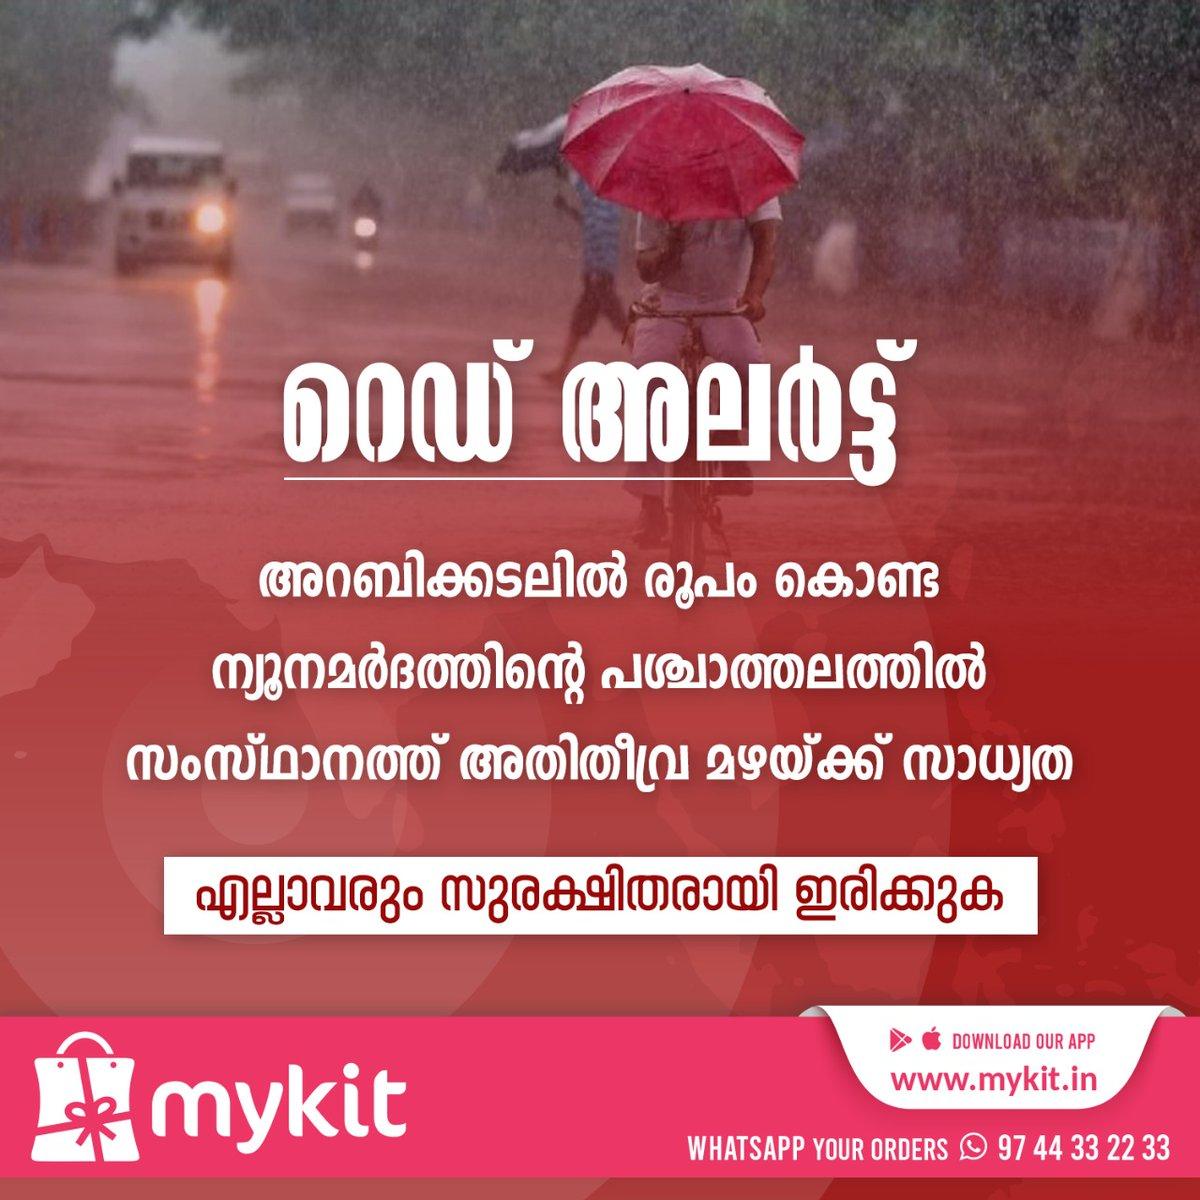 റെഡ് അലർട്ട്  അറബിക്കടലിൽ രൂപം കൊണ്ട ന്യൂനമർദത്തിന്റെ പശ്ചാത്തലത്തിൽ സംസ്ഥാനത്ത് അതിതീവ്ര മഴയ്ക്ക് സാധ്യത  എല്ലാവരും സുരക്ഷിതരായി ഇരിക്കുക  #mykitcart #mykit #redalert #cyclone #tauktaecyclone #tauktae #kannur #kerala https://t.co/3pUeW2kdDY